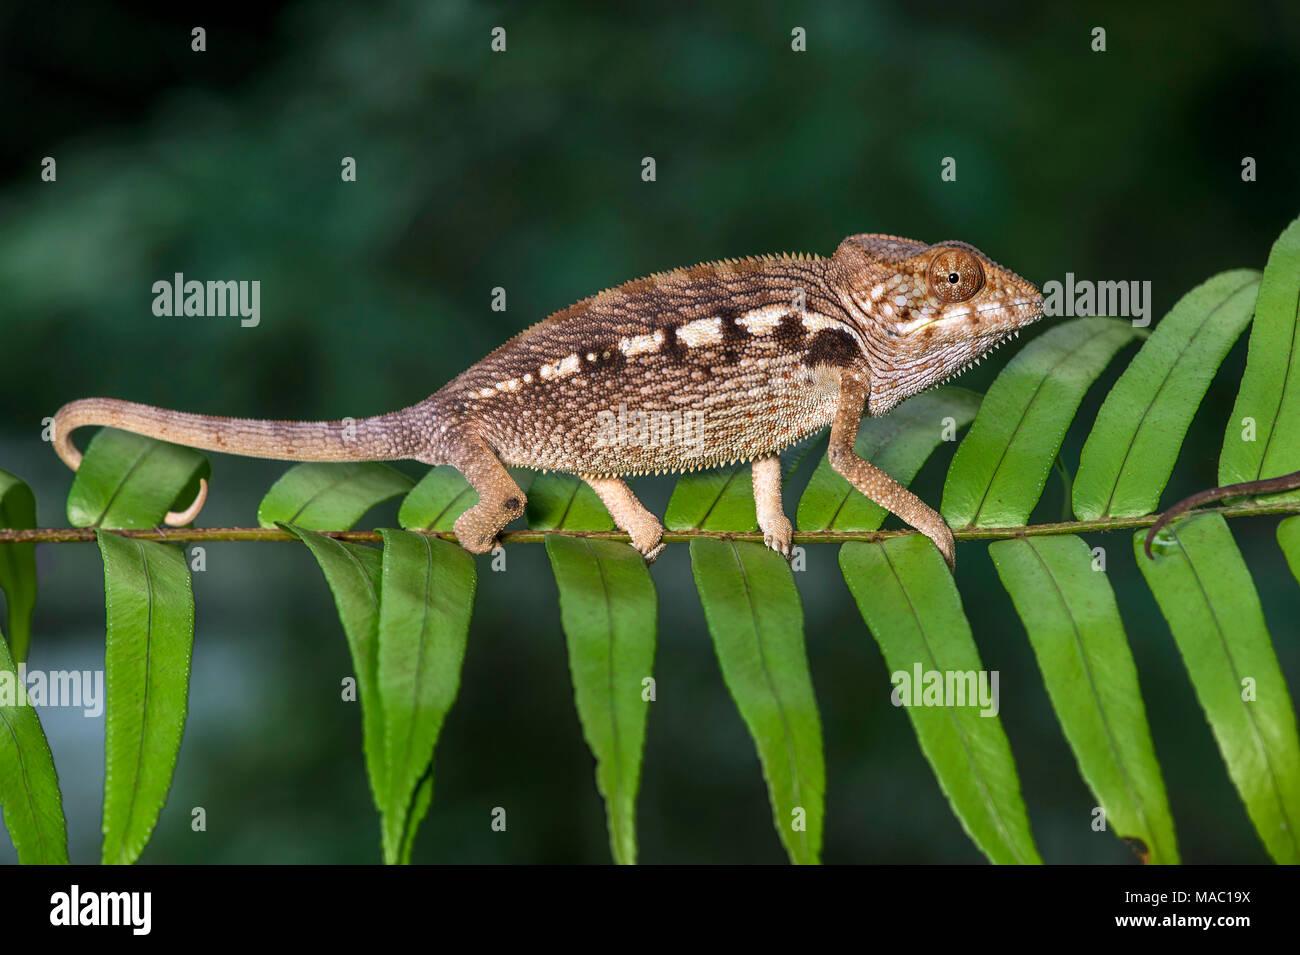 Panther chameleon (Furcifer pardalis), (Chameleonidae), endemic to Madagascar, Ankanin Ny Nofy, Madagascar - Stock Image